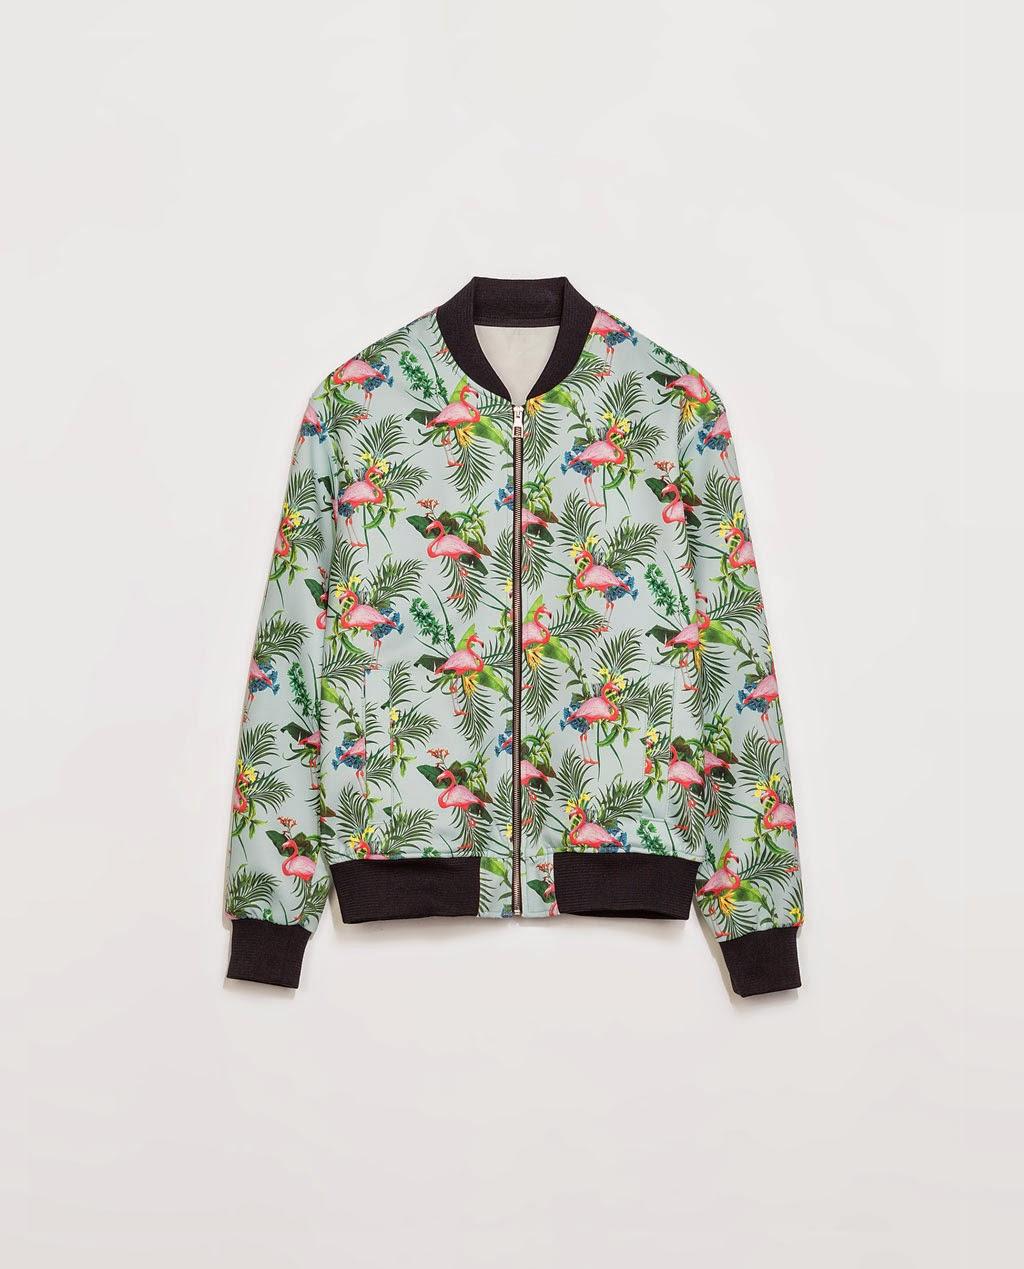 http://www.zara.com/es/es/hombre/chaquetas-y-cazadoras/cazadora-flamencos-c586542p1929023.html